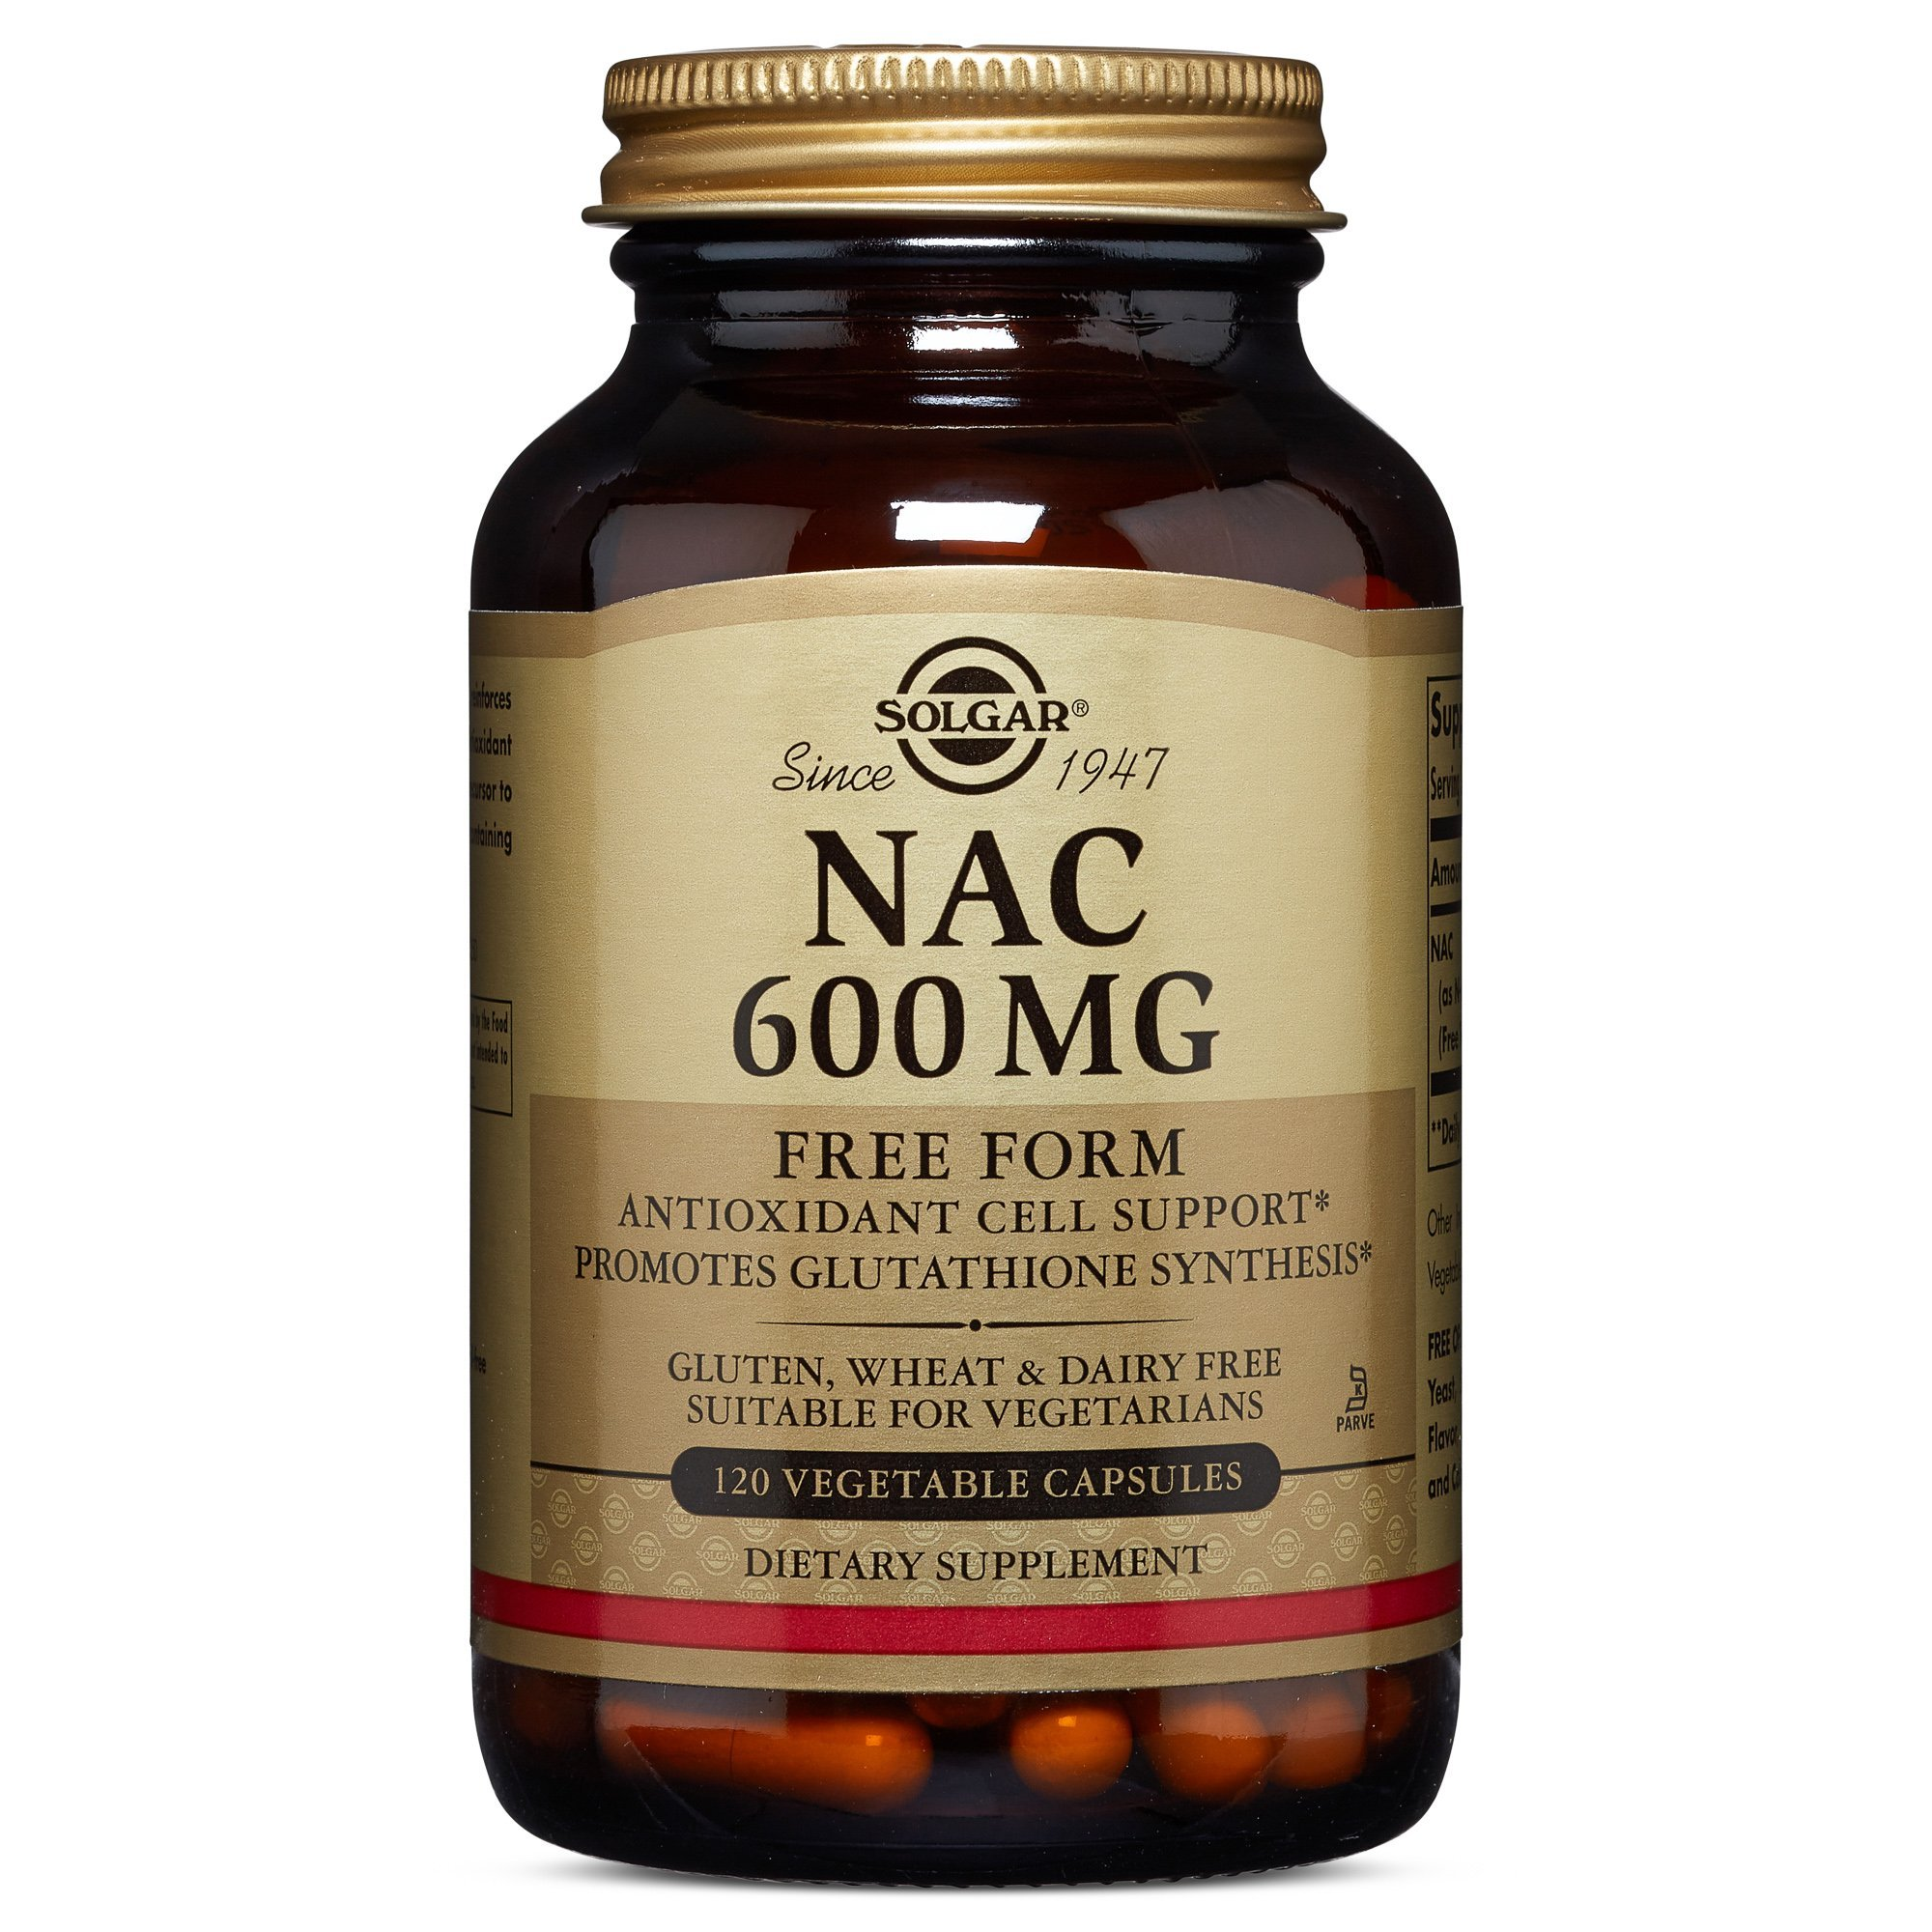 Solgar – NAC 600 mg, 120 Vegetable Capsules